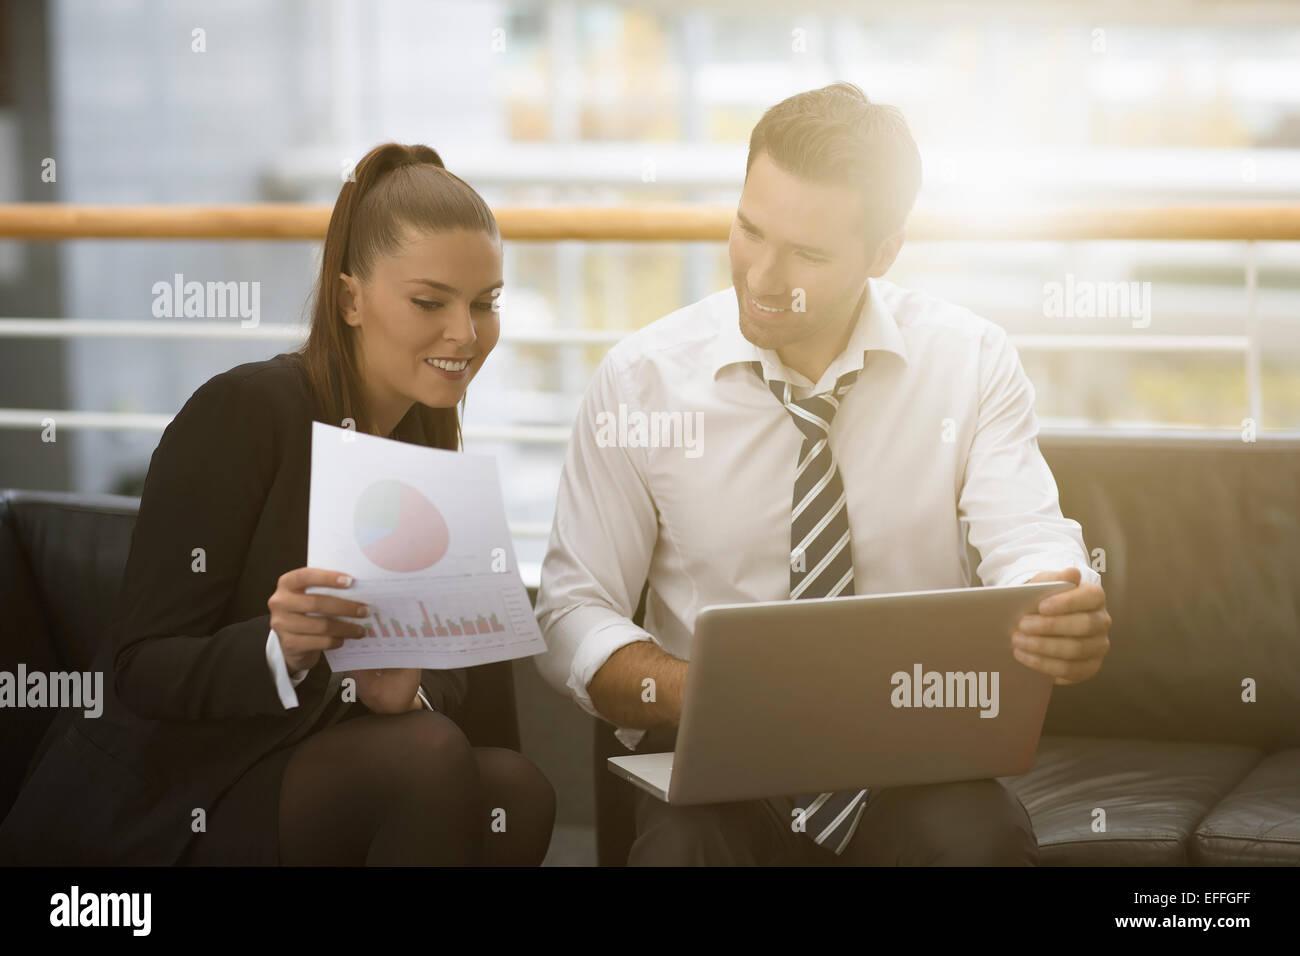 Rencontre des gens d'affaires et le partage d'idées Photo Stock